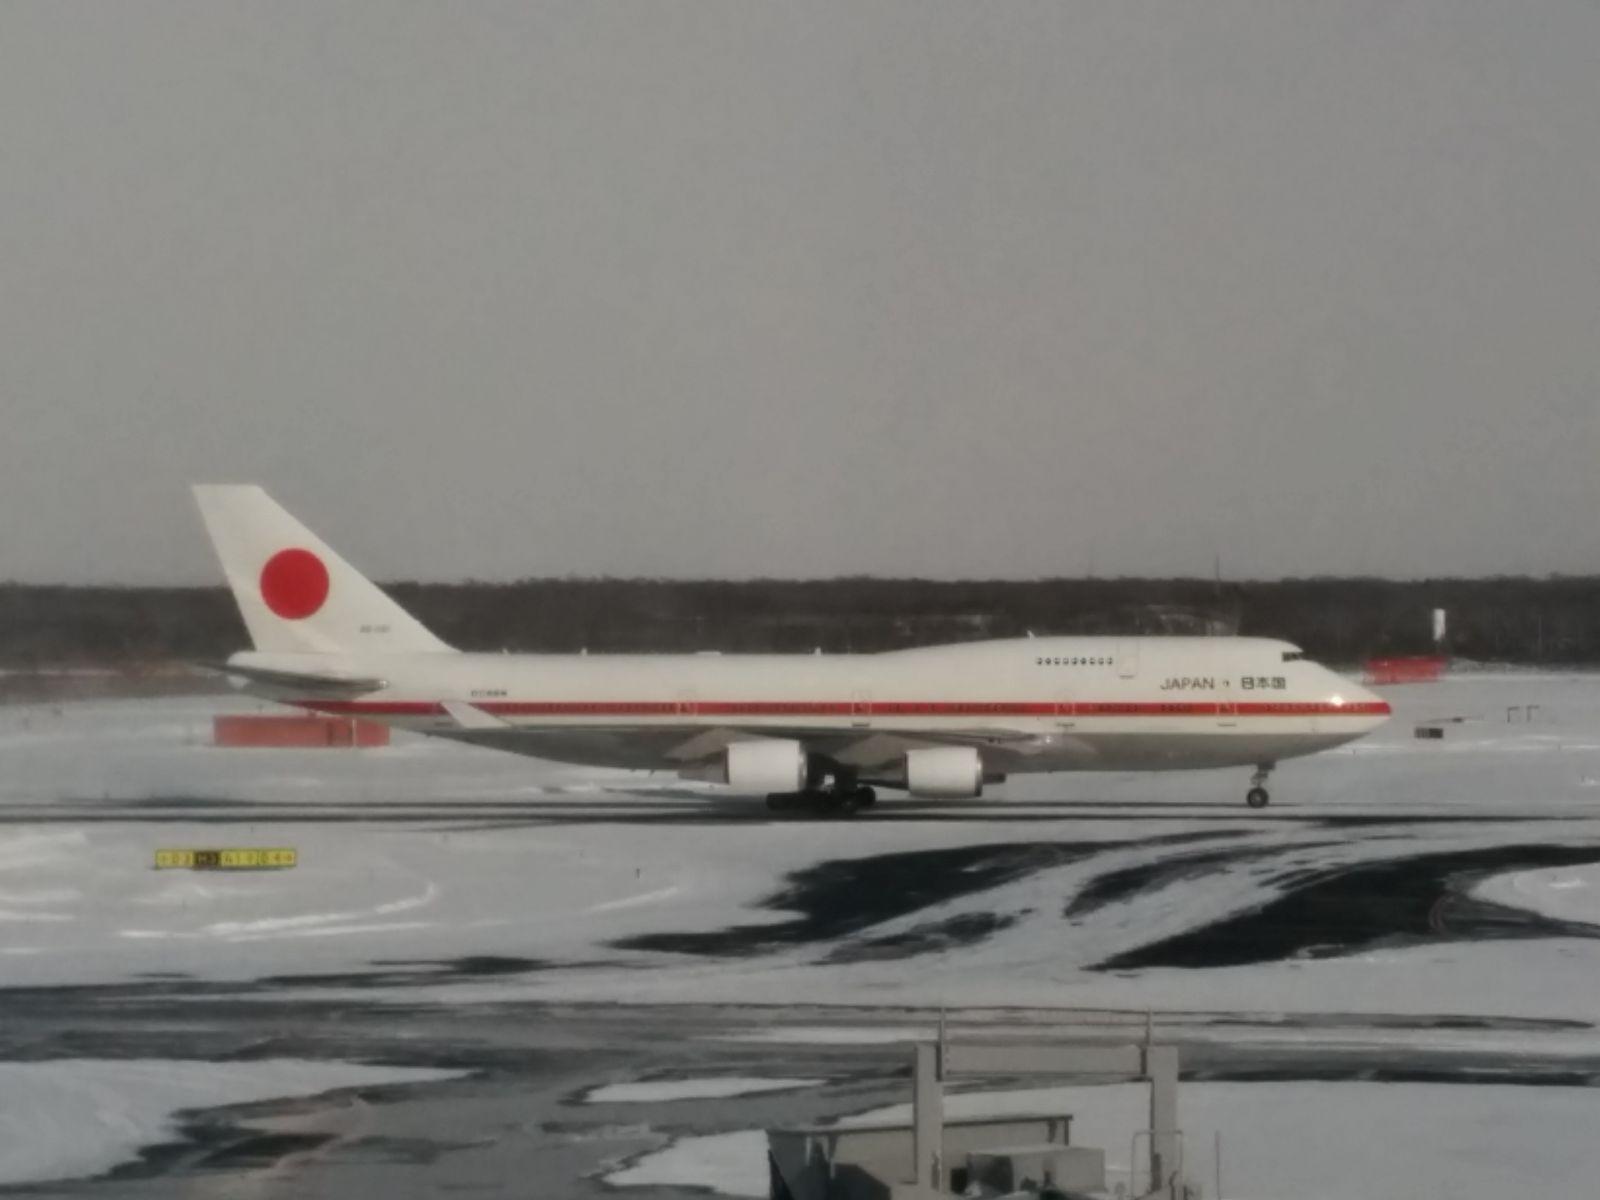 【新千歳空港】冬の新千歳空港・政府専用機観光案内です。